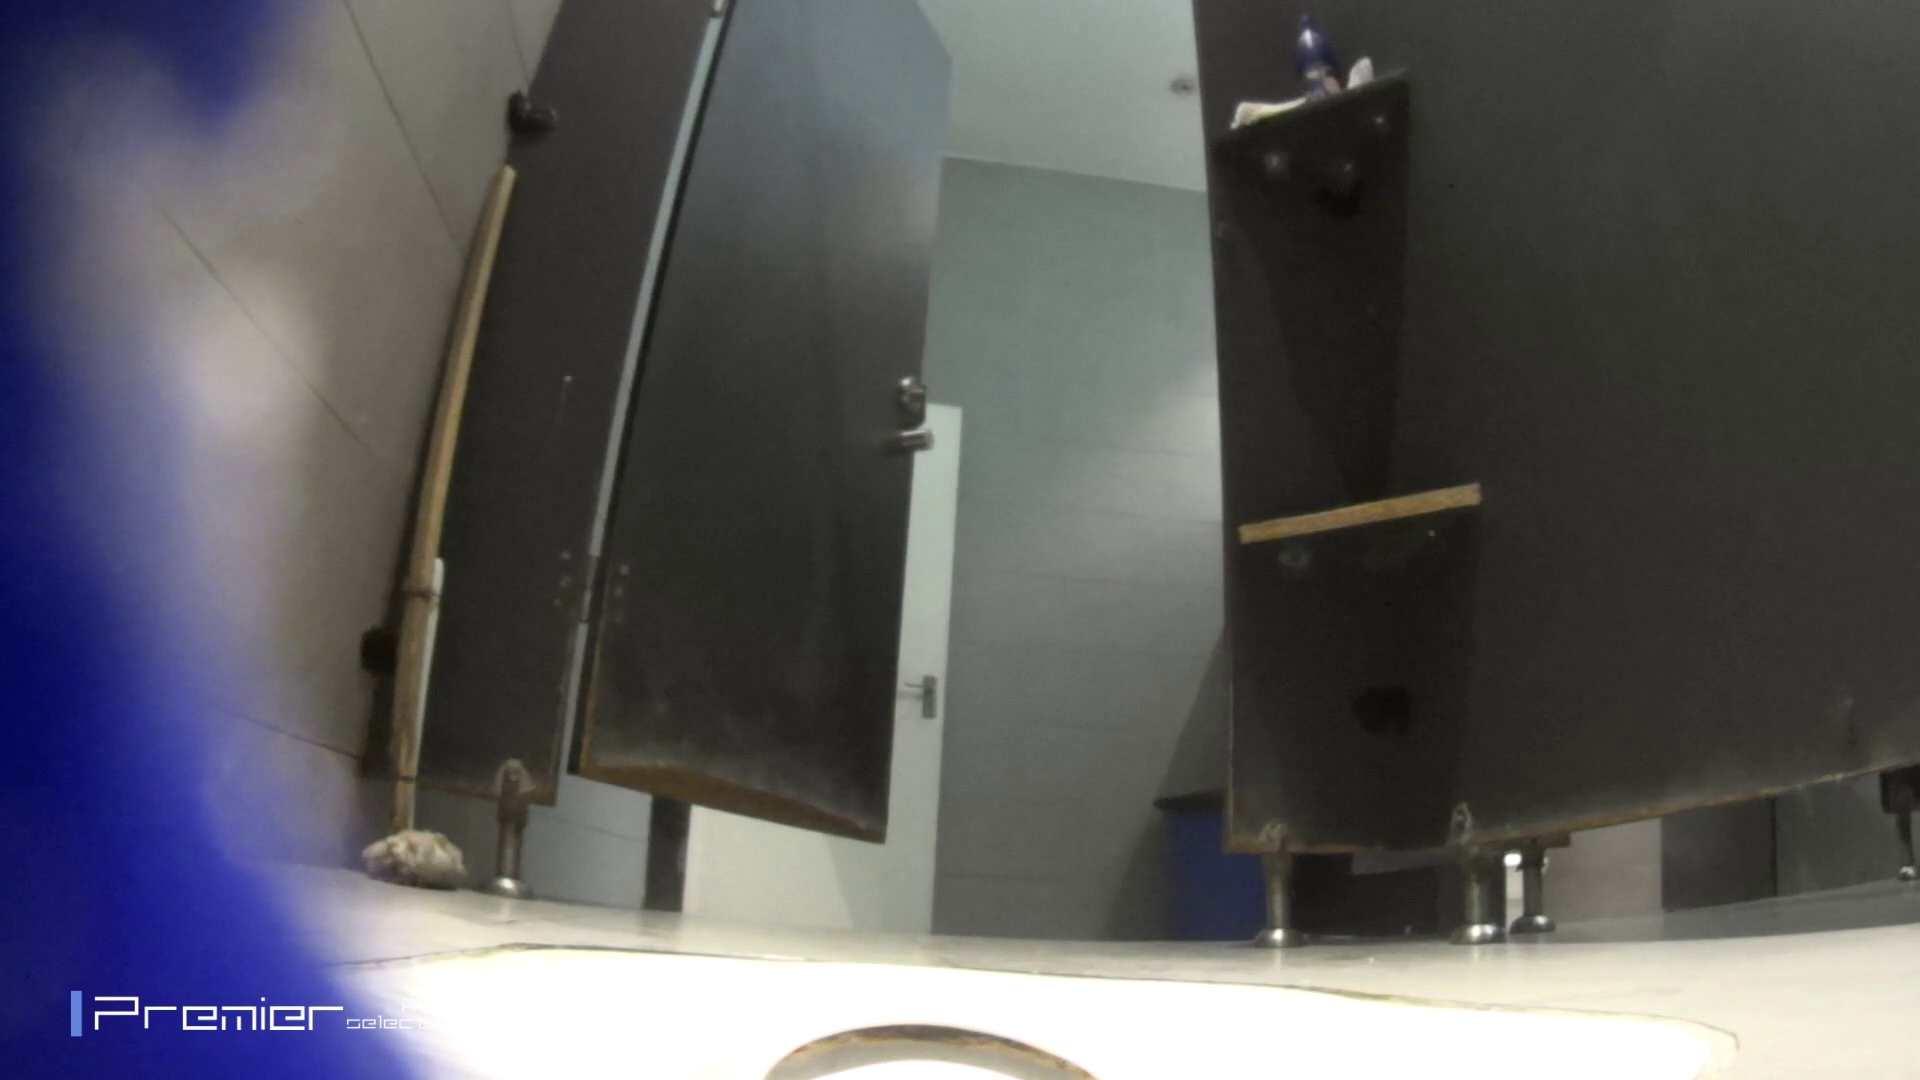 真夏のギャルの洗面所 大学休憩時間の洗面所事情52 ギャルの実態 | お姉さん  80pic 41